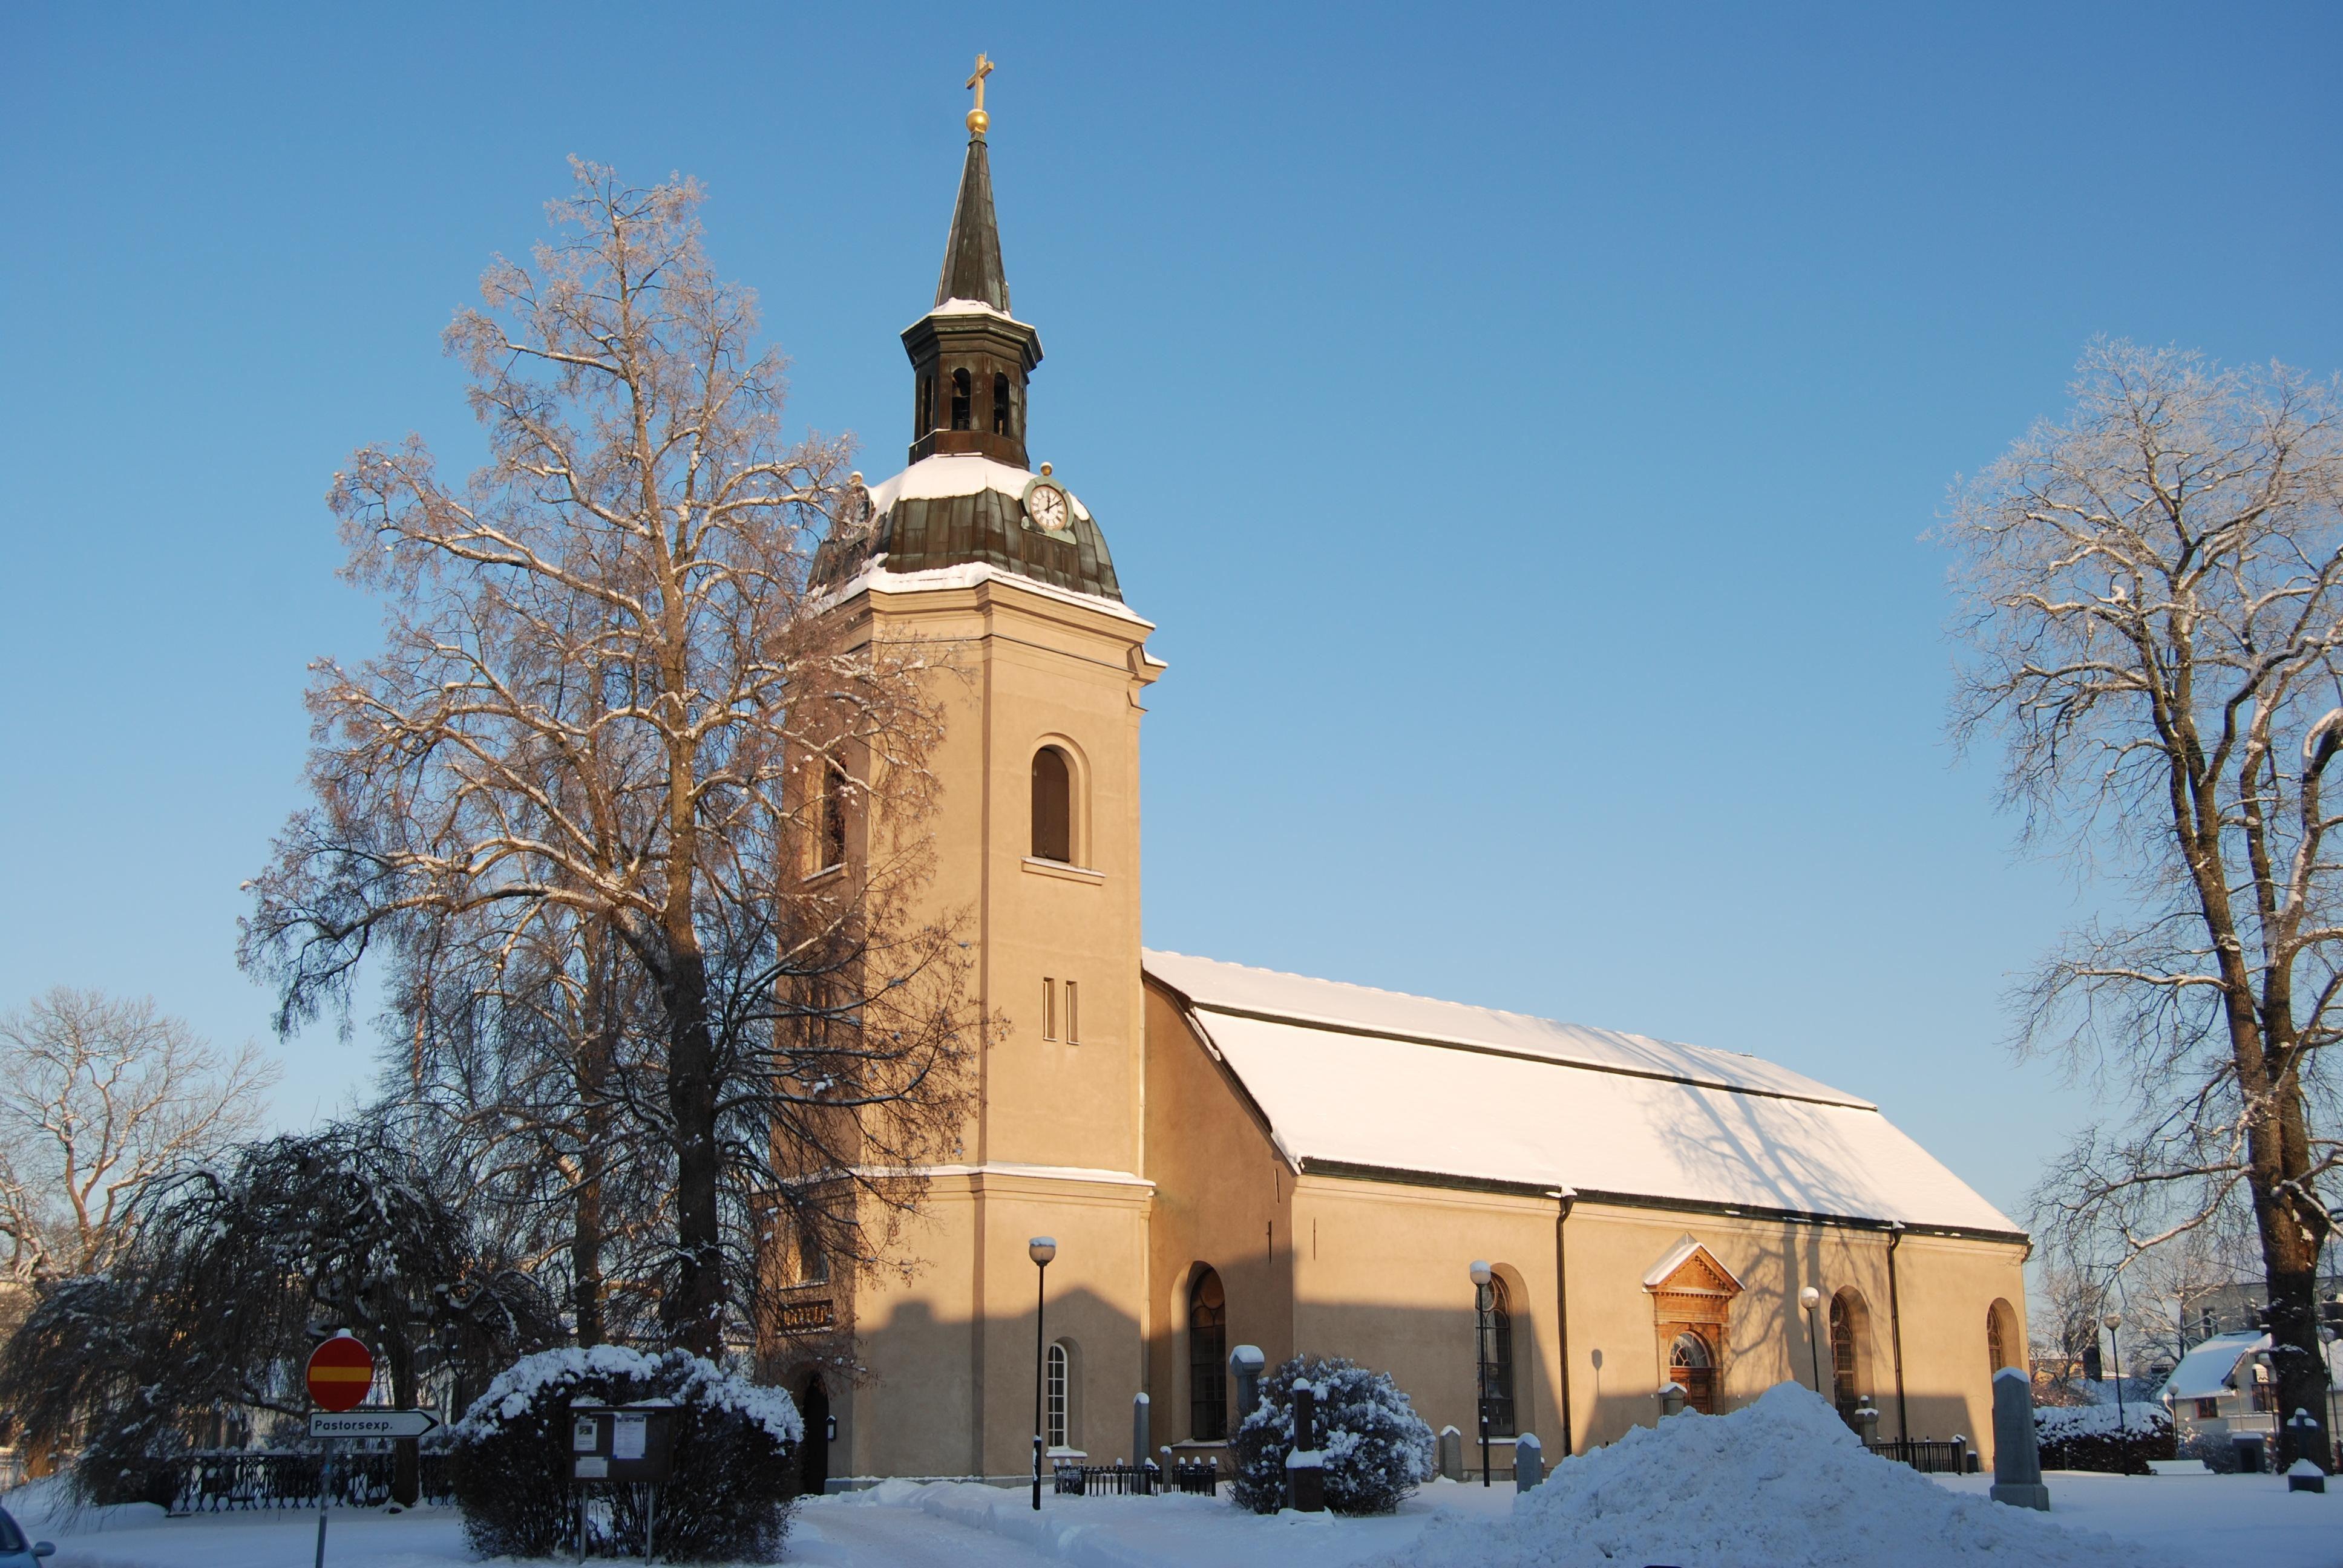 Adventskonsert med Norrtälje Manskör, Norrtälje kyrka